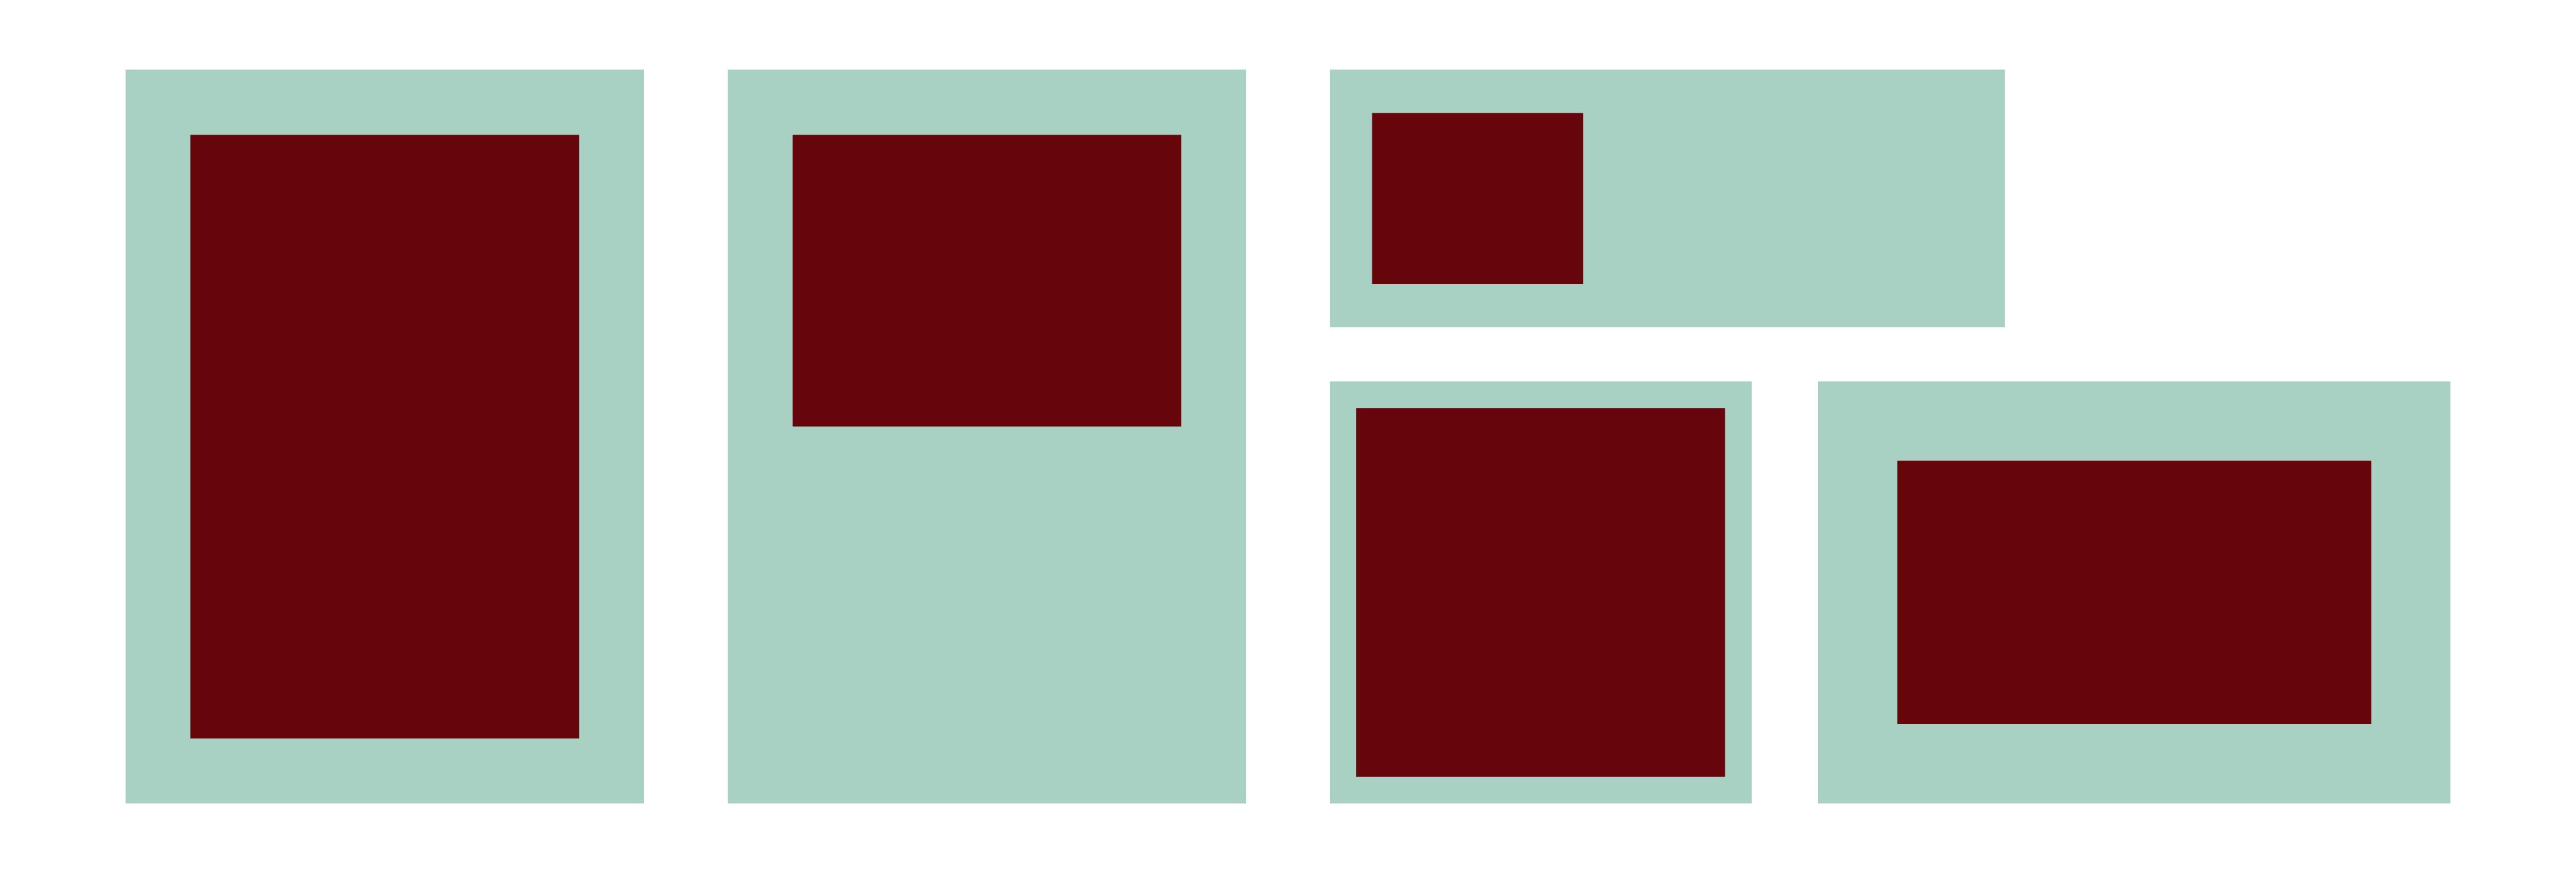 vmp_layoutprinsipper_bilder-06